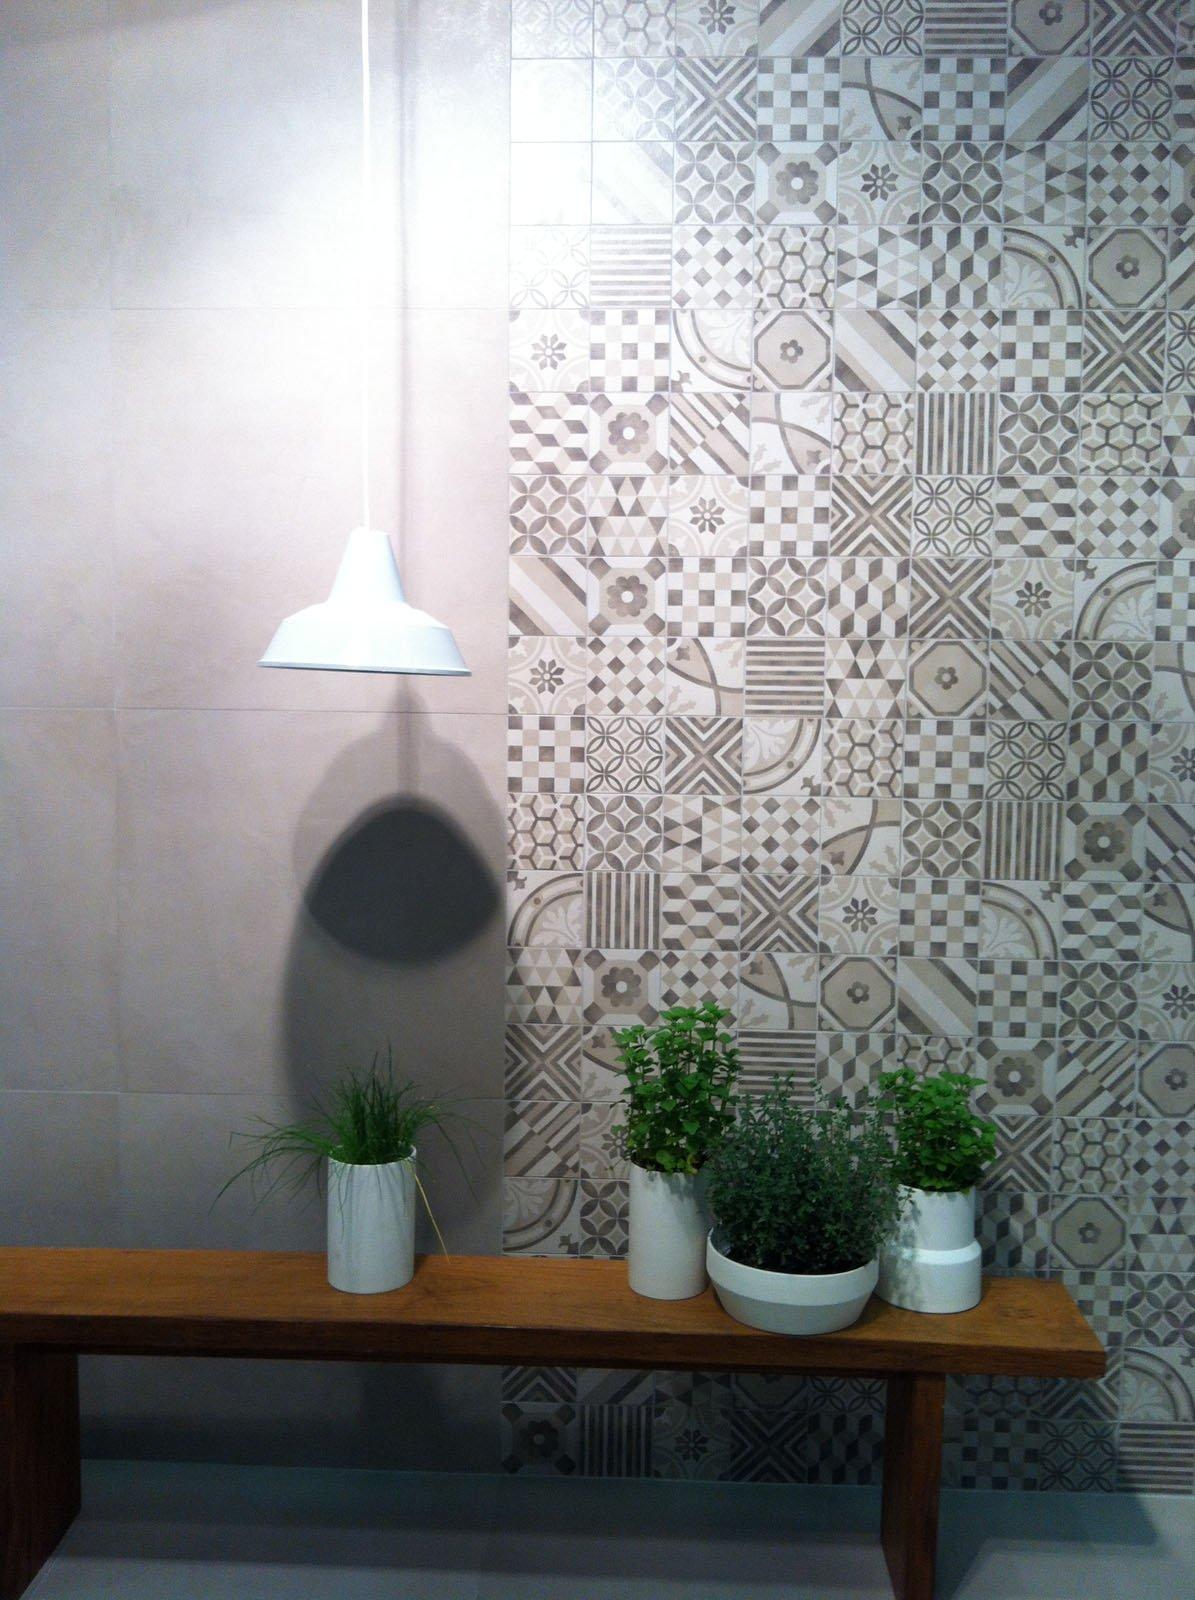 Marazzi block piastrelle cose di casa - Rimuovere cemento da piastrelle ...